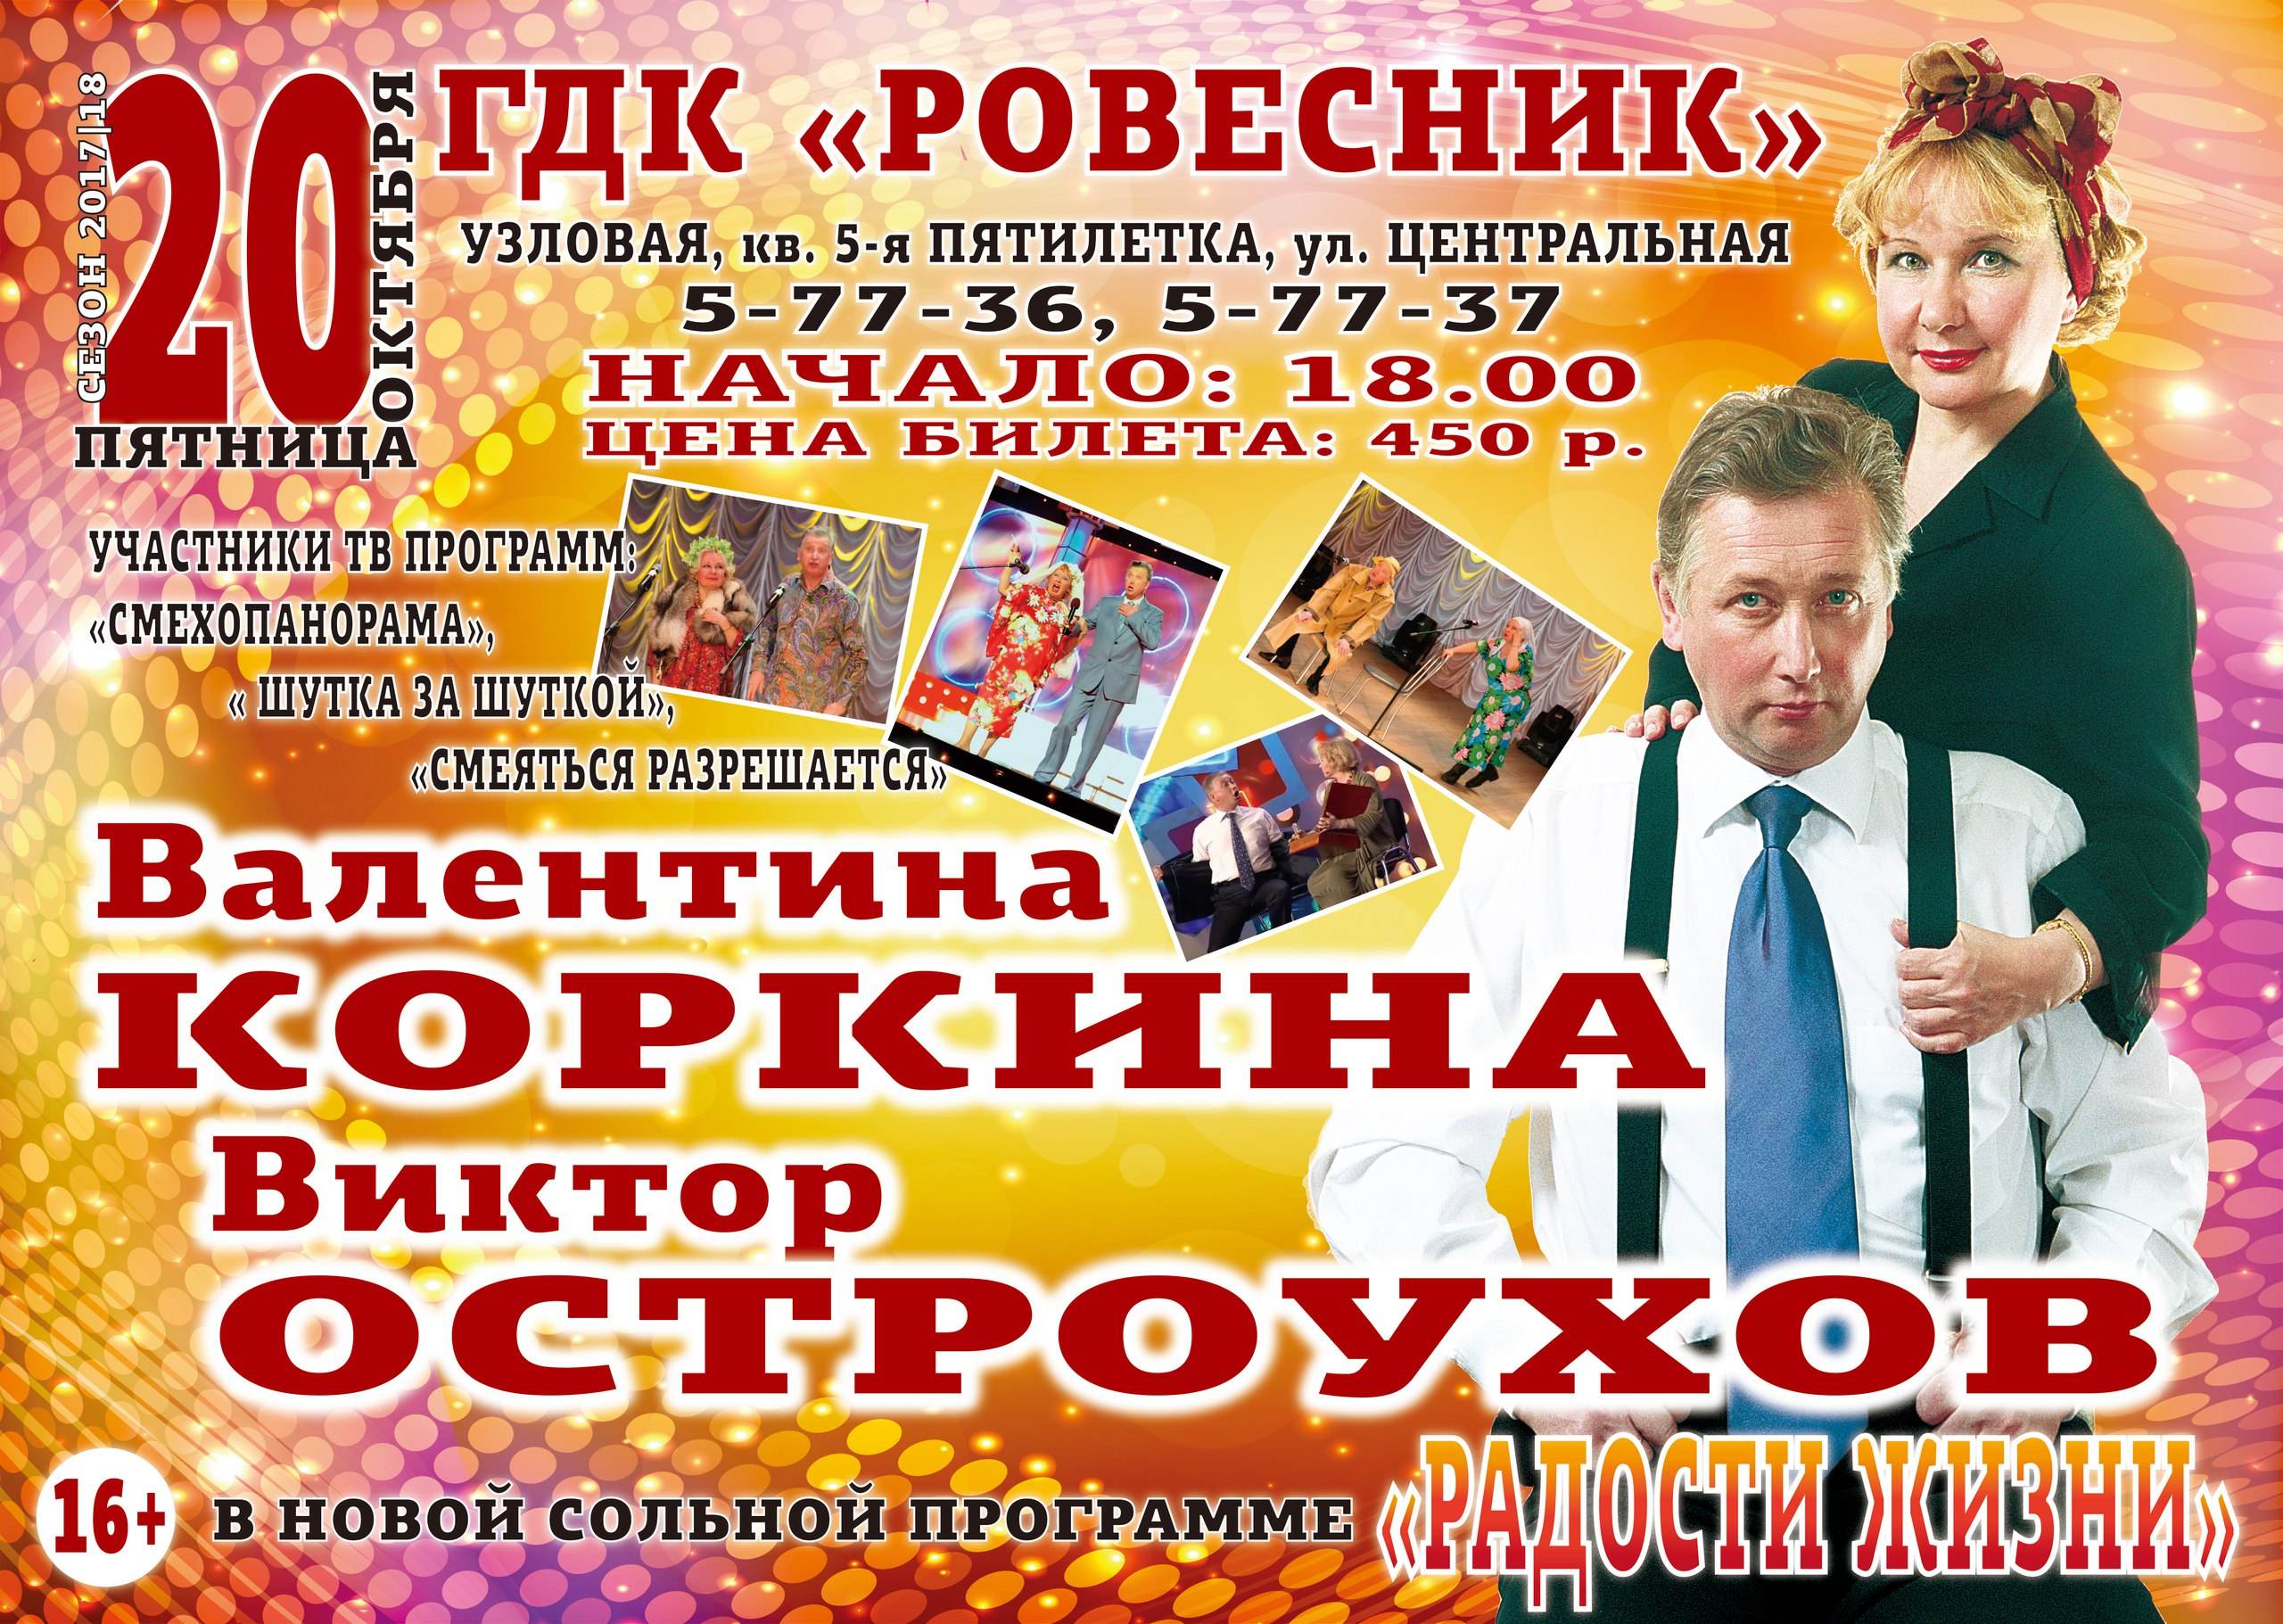 Новая юмористическая программа с участием известных артистов - Валентины Коркиной и Виктора Остроухова!